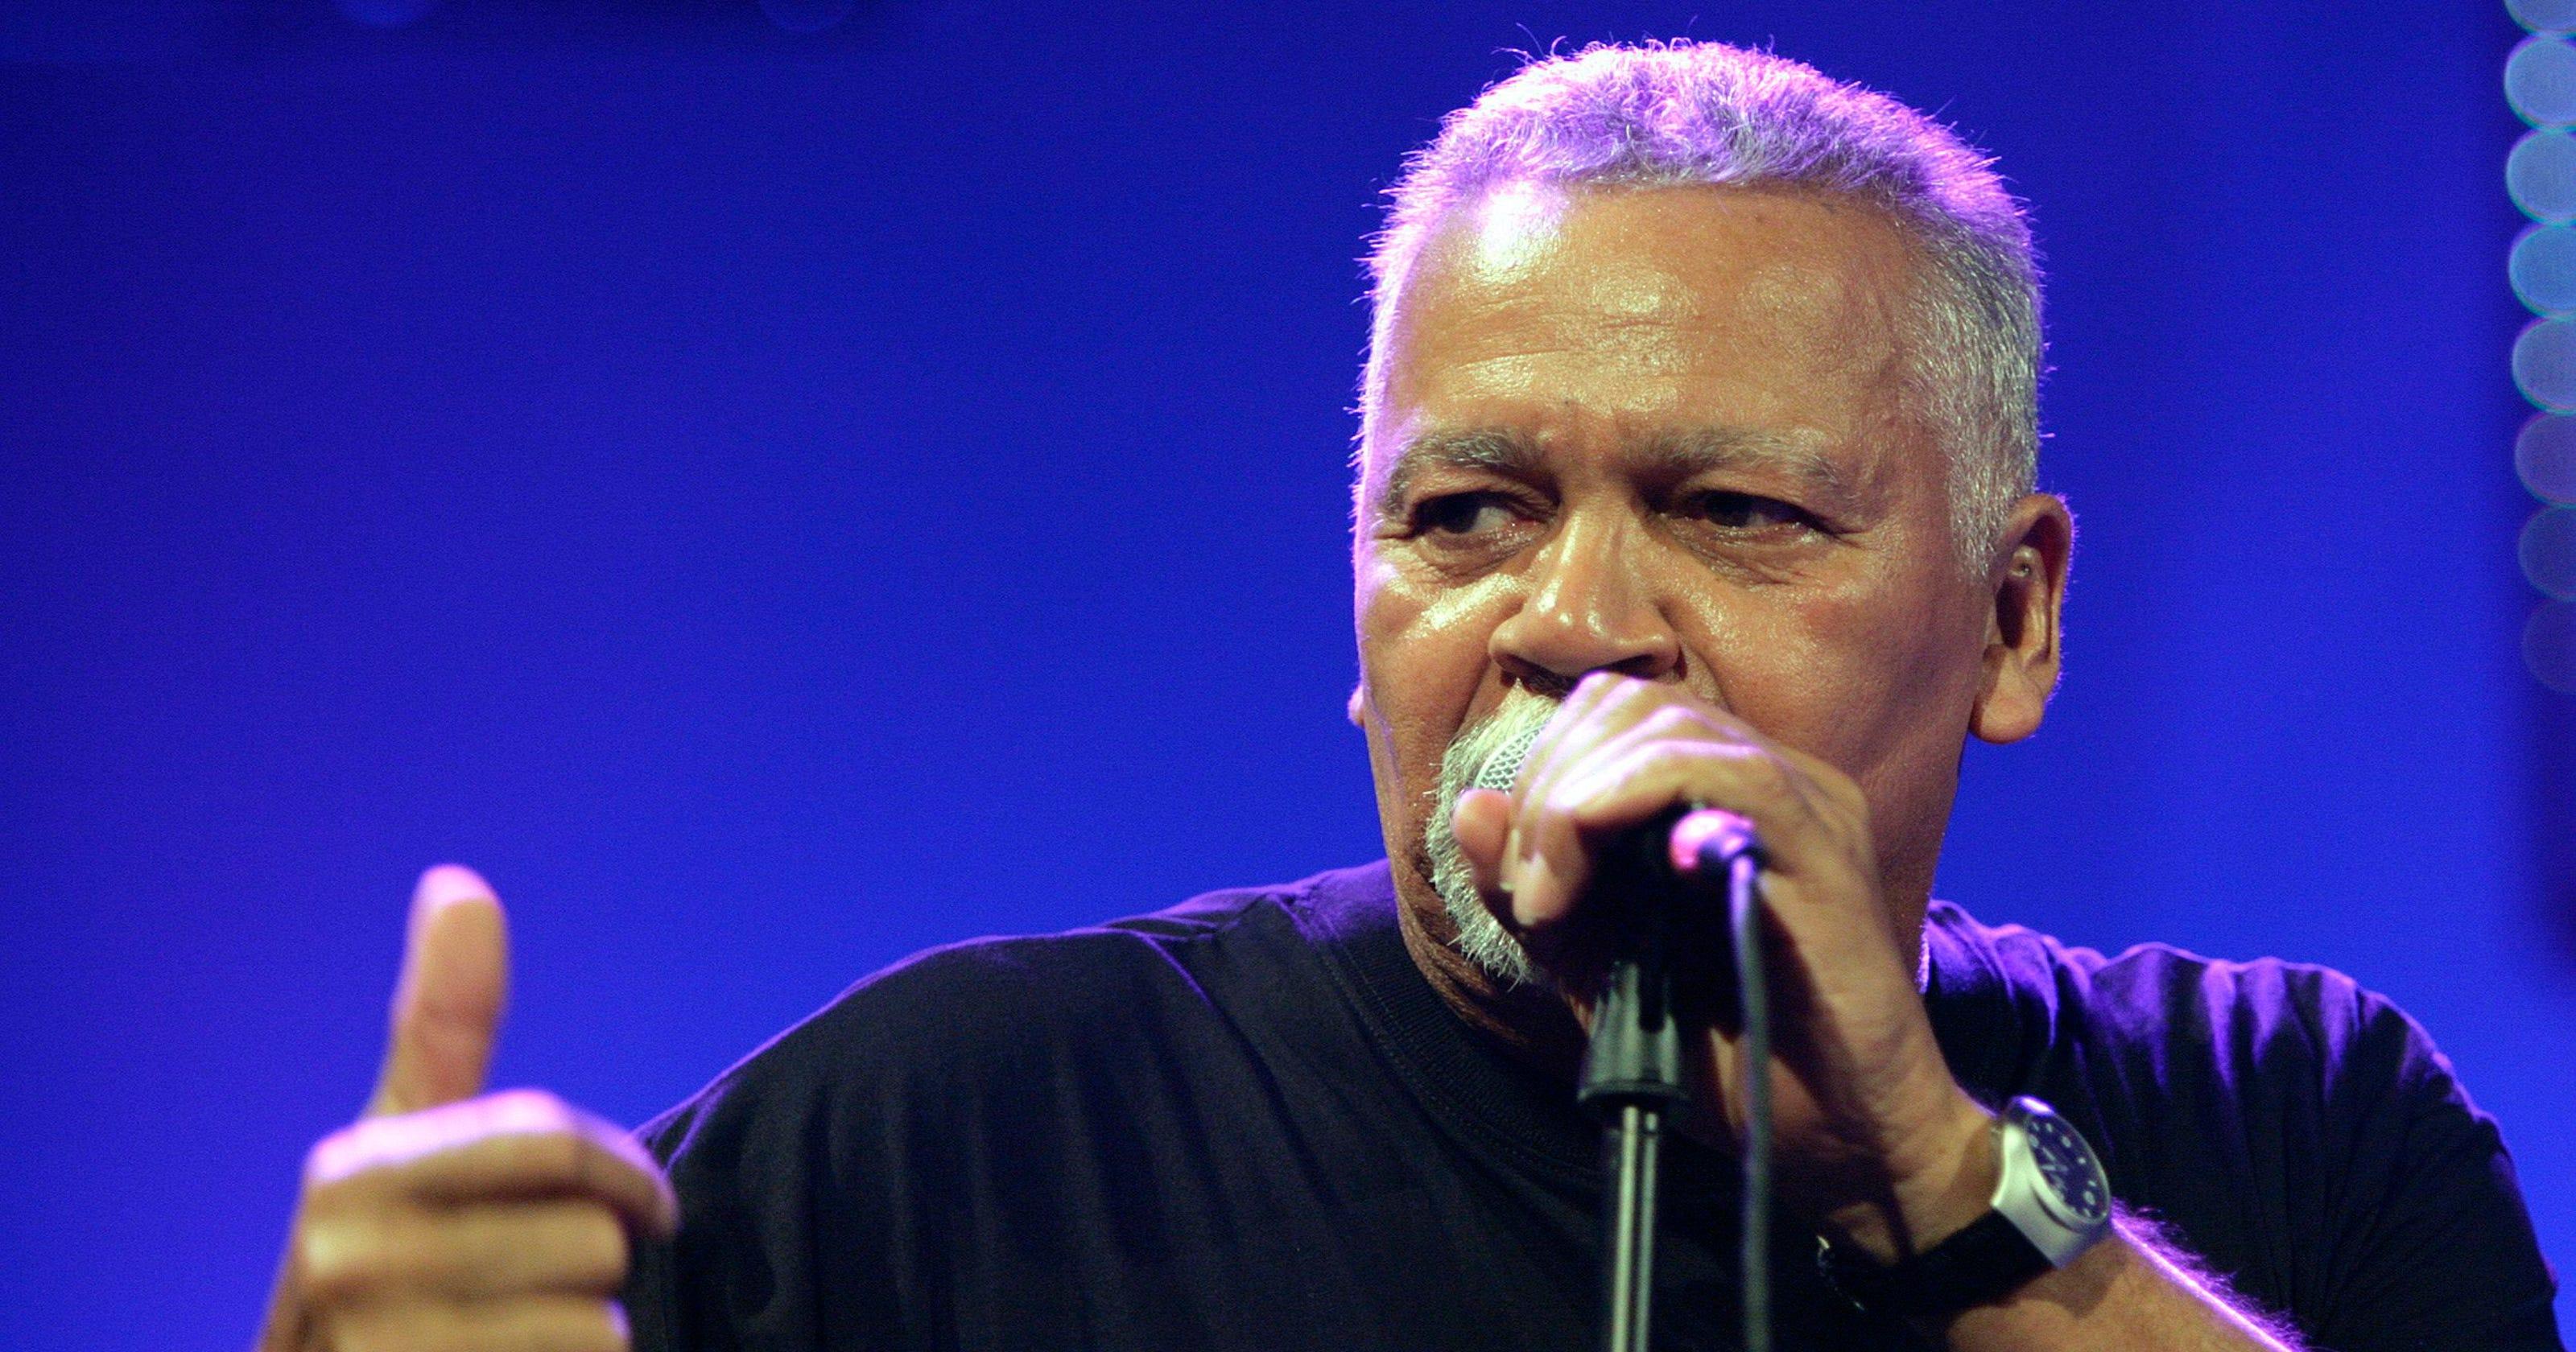 Jazz-funk pioneer Joe Sample dies at 75